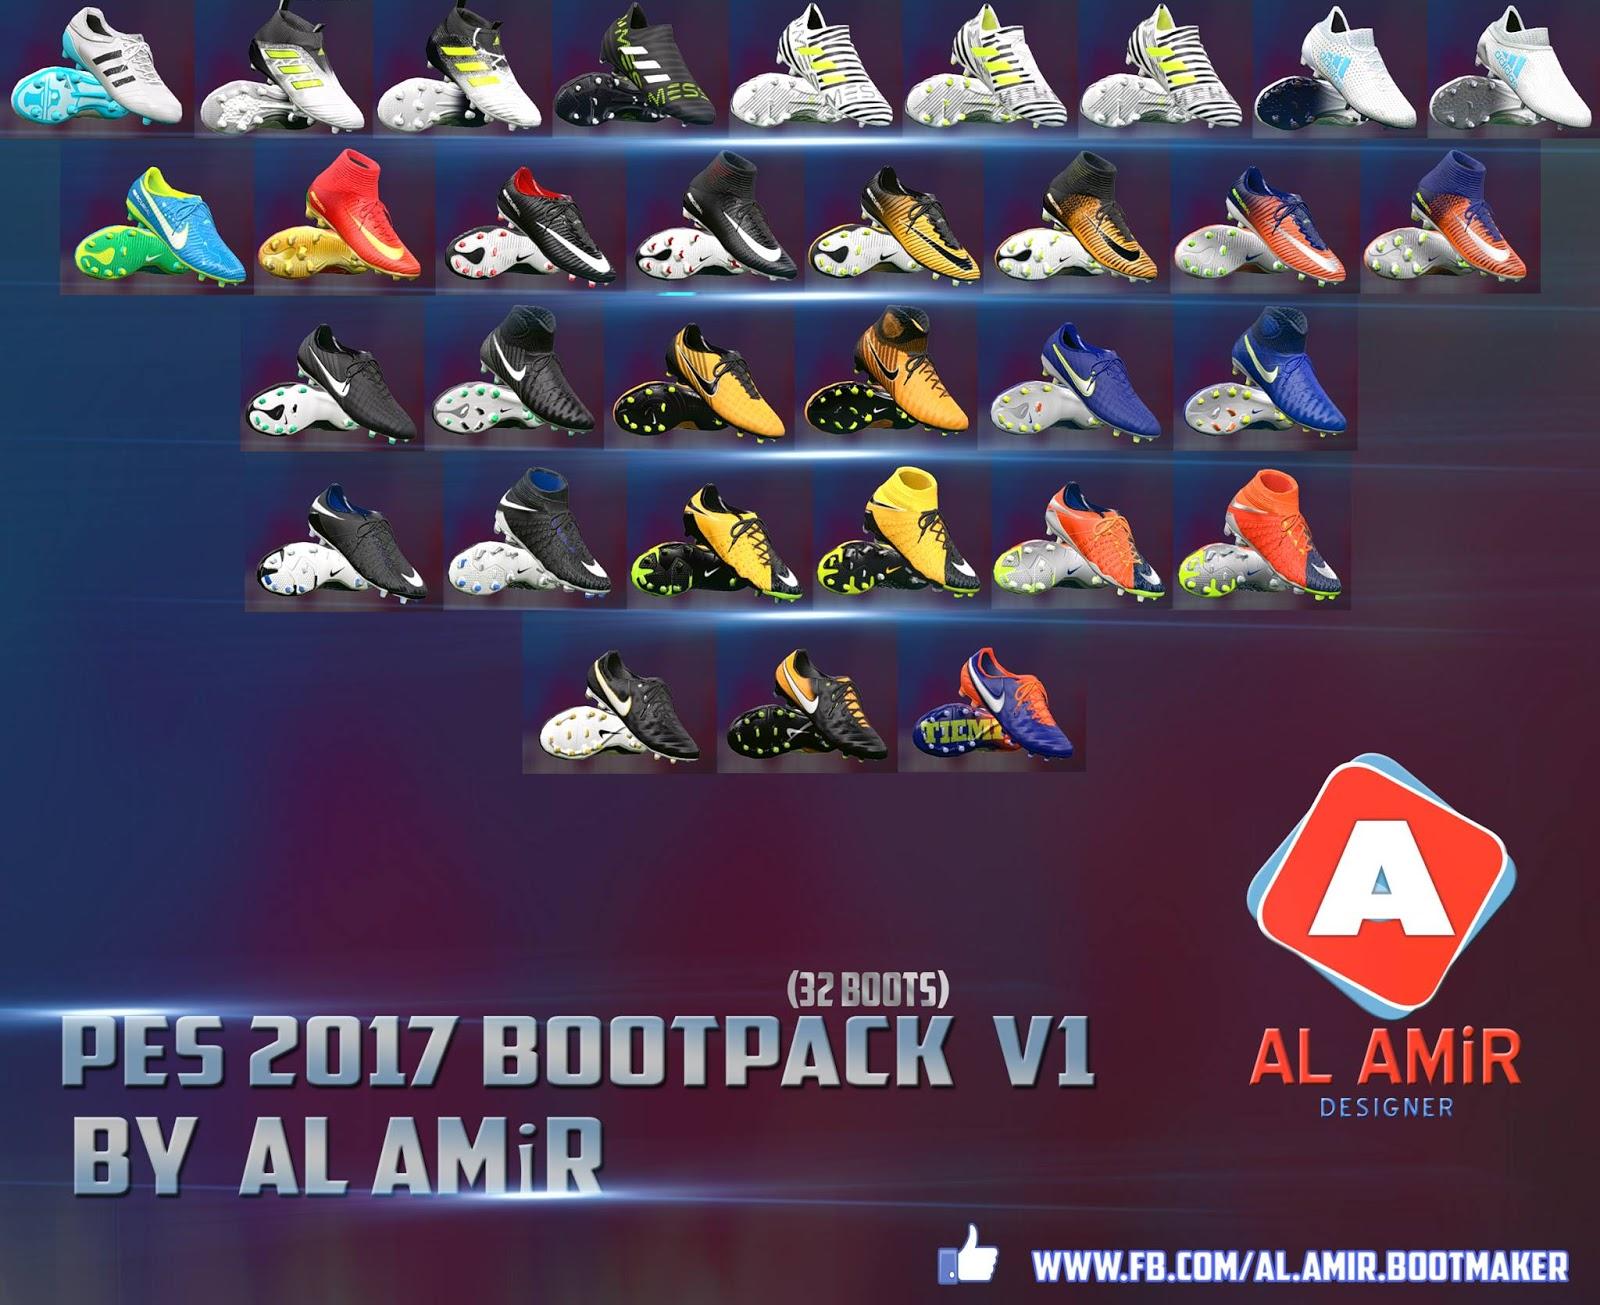 PES 2017 Bootpack 2018 V1 by AL AMiR Bootmaker